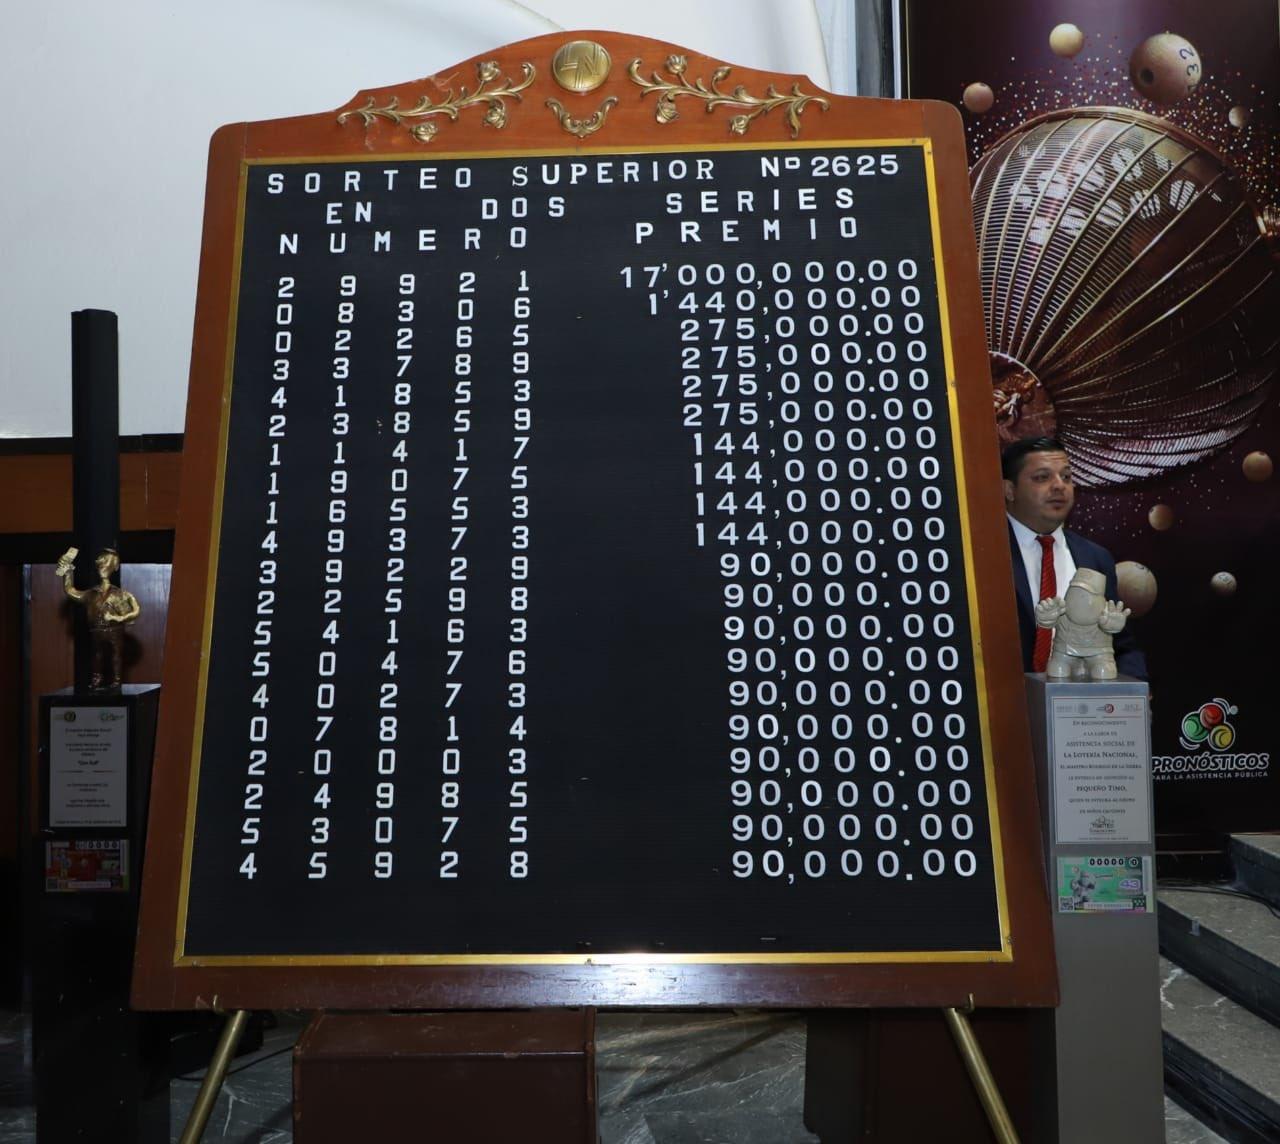 Resultados sorteo superior-2625